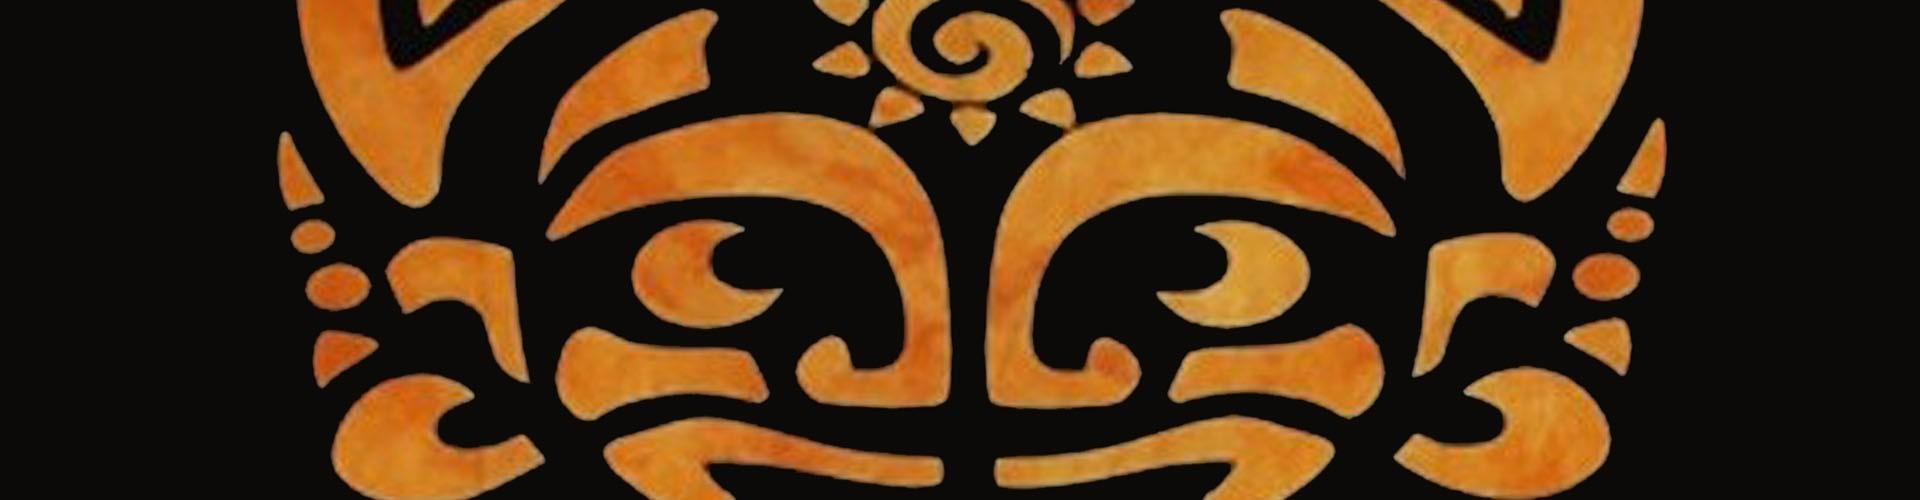 Tenture Tribal et Triskel pour une déco stylé tenture murale tribal